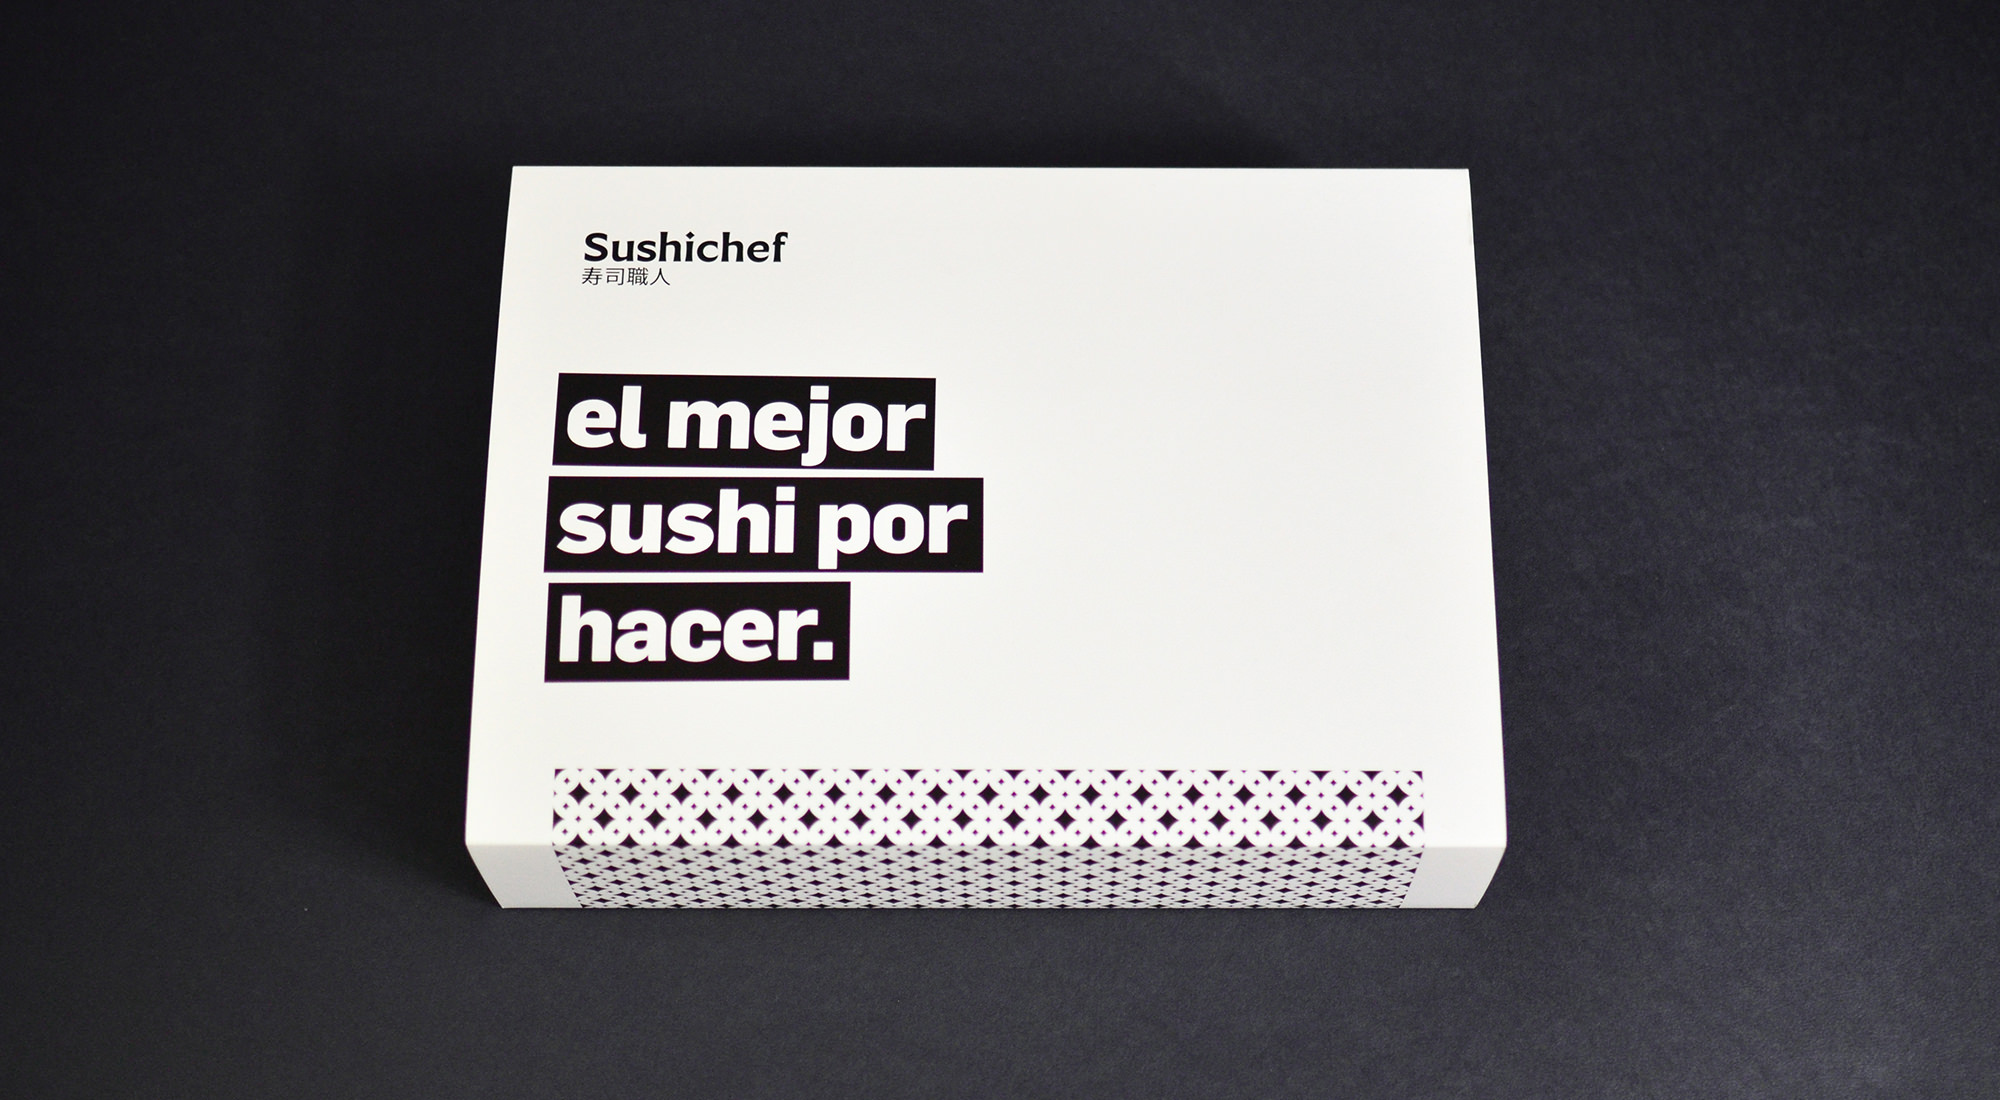 Sushichef